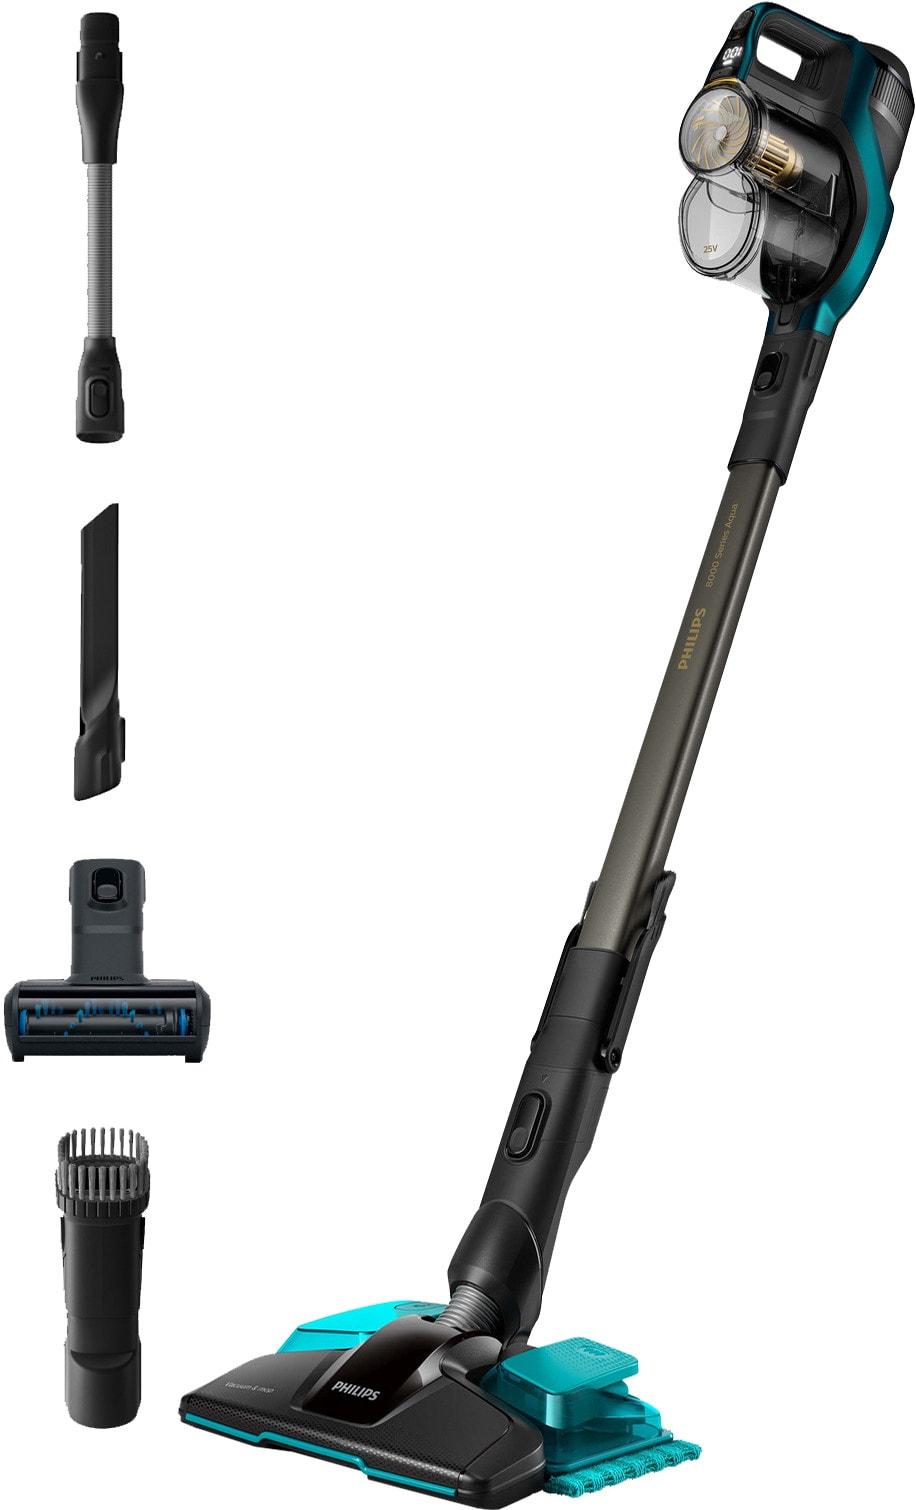 Philips steelstopfzuiger met accessoires, vooraanzicht